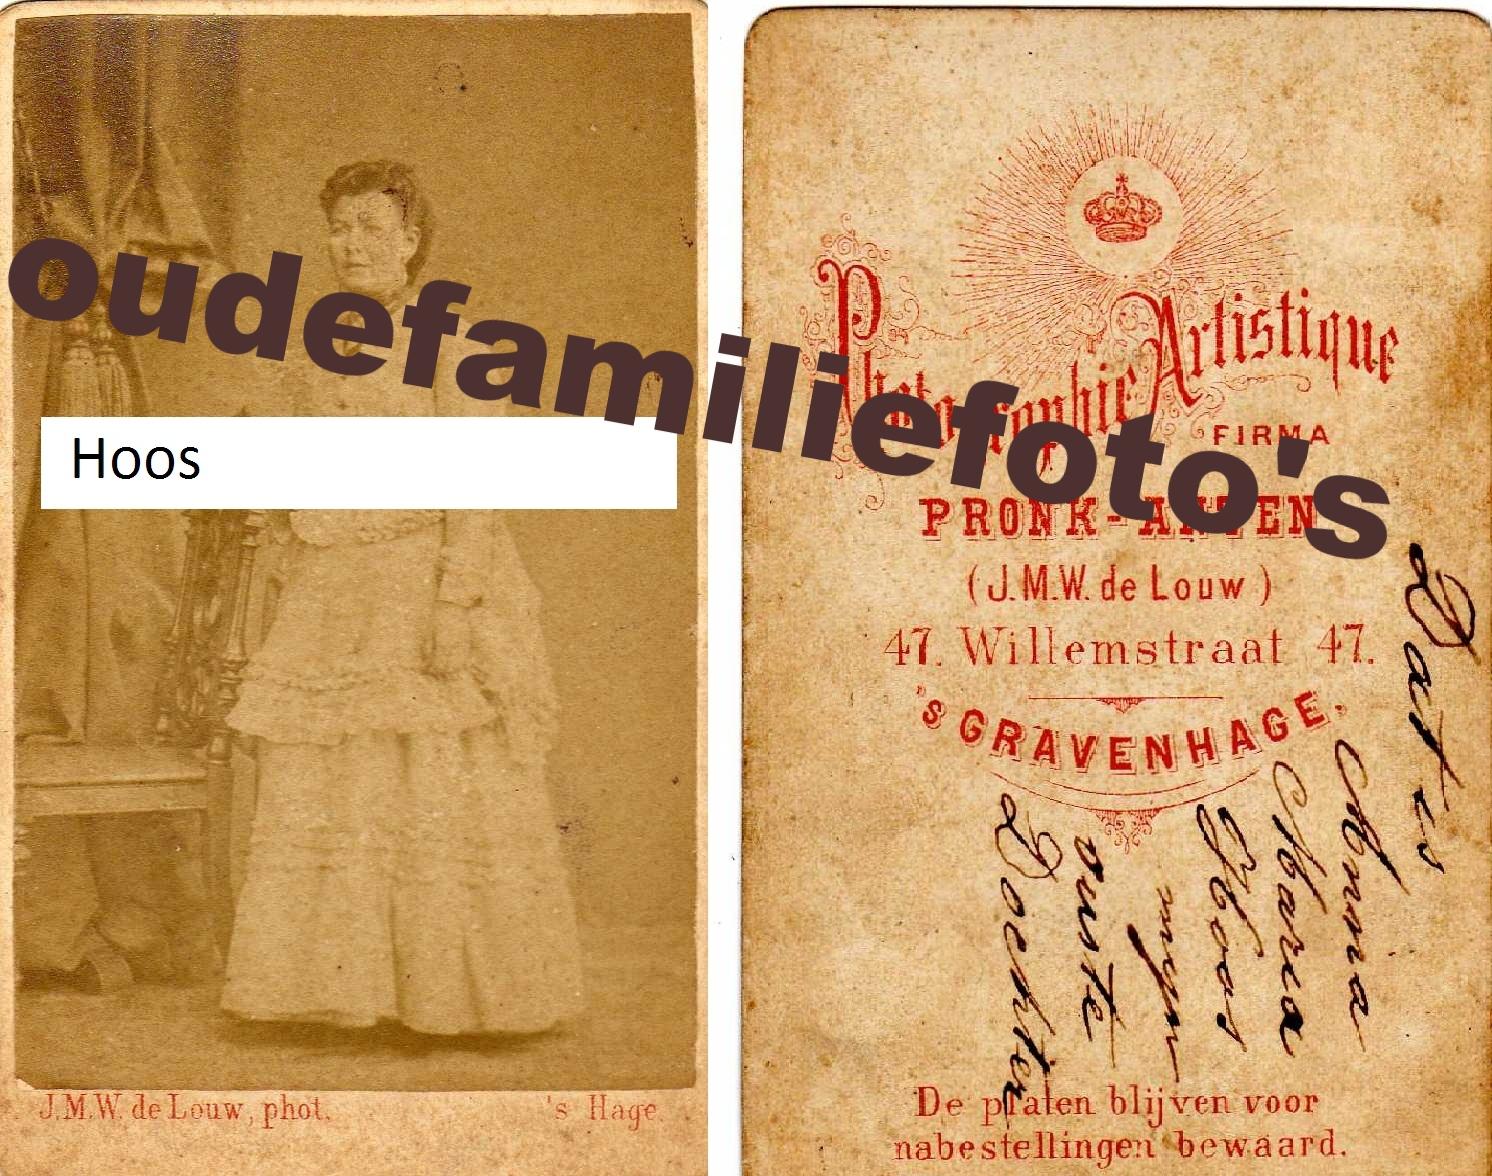 Hoos, (Joh)anna Maria, geboren 12-5-1843 Den-Haag dochter van Gerrit Hoos € 3,00